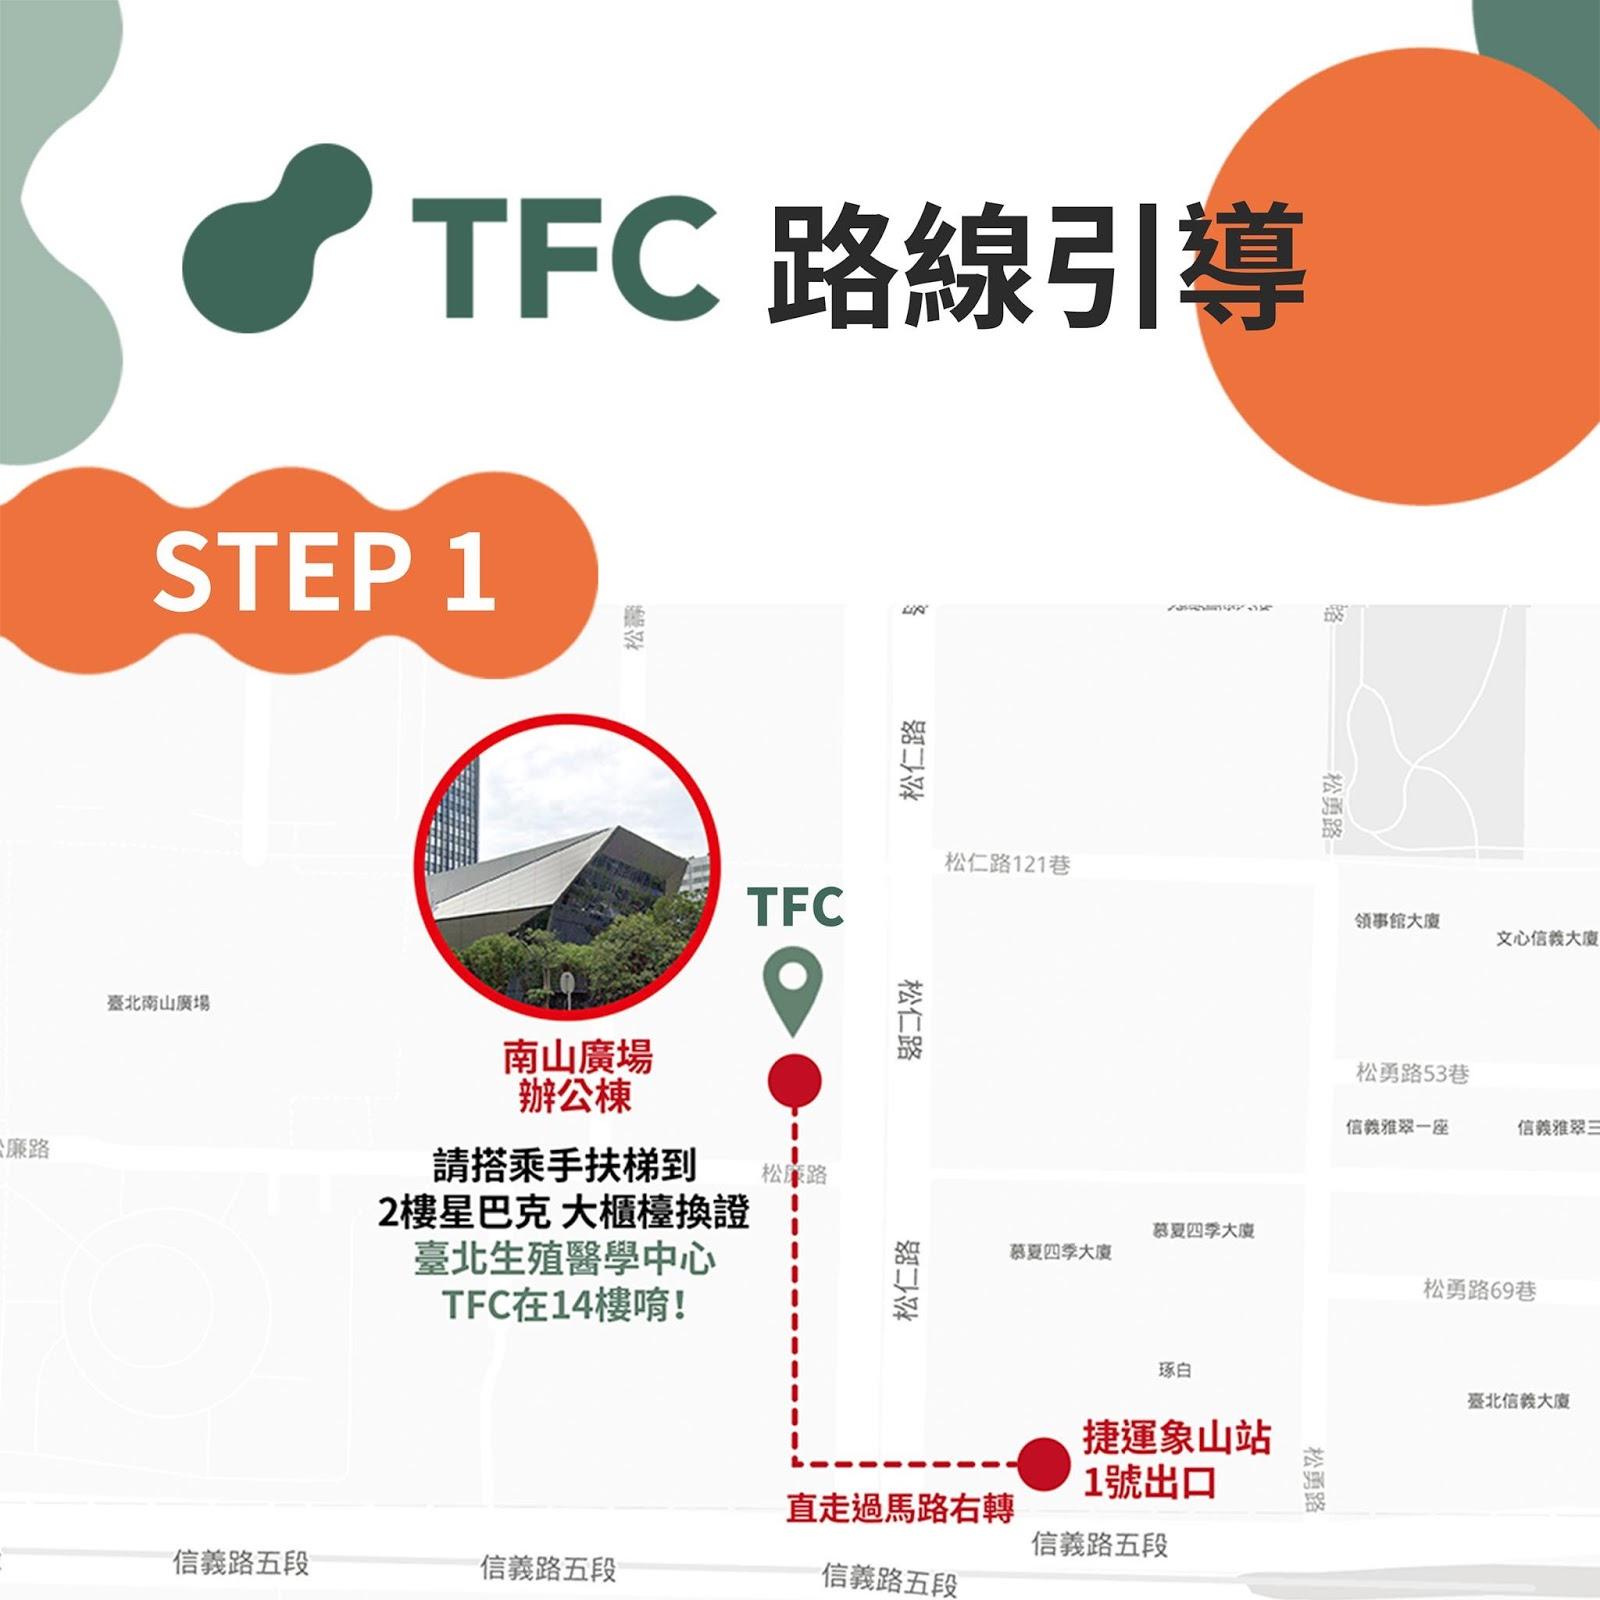 何彥秉醫師生殖醫學資訊站: 臺北婦產科診所 生殖中心 啟航了